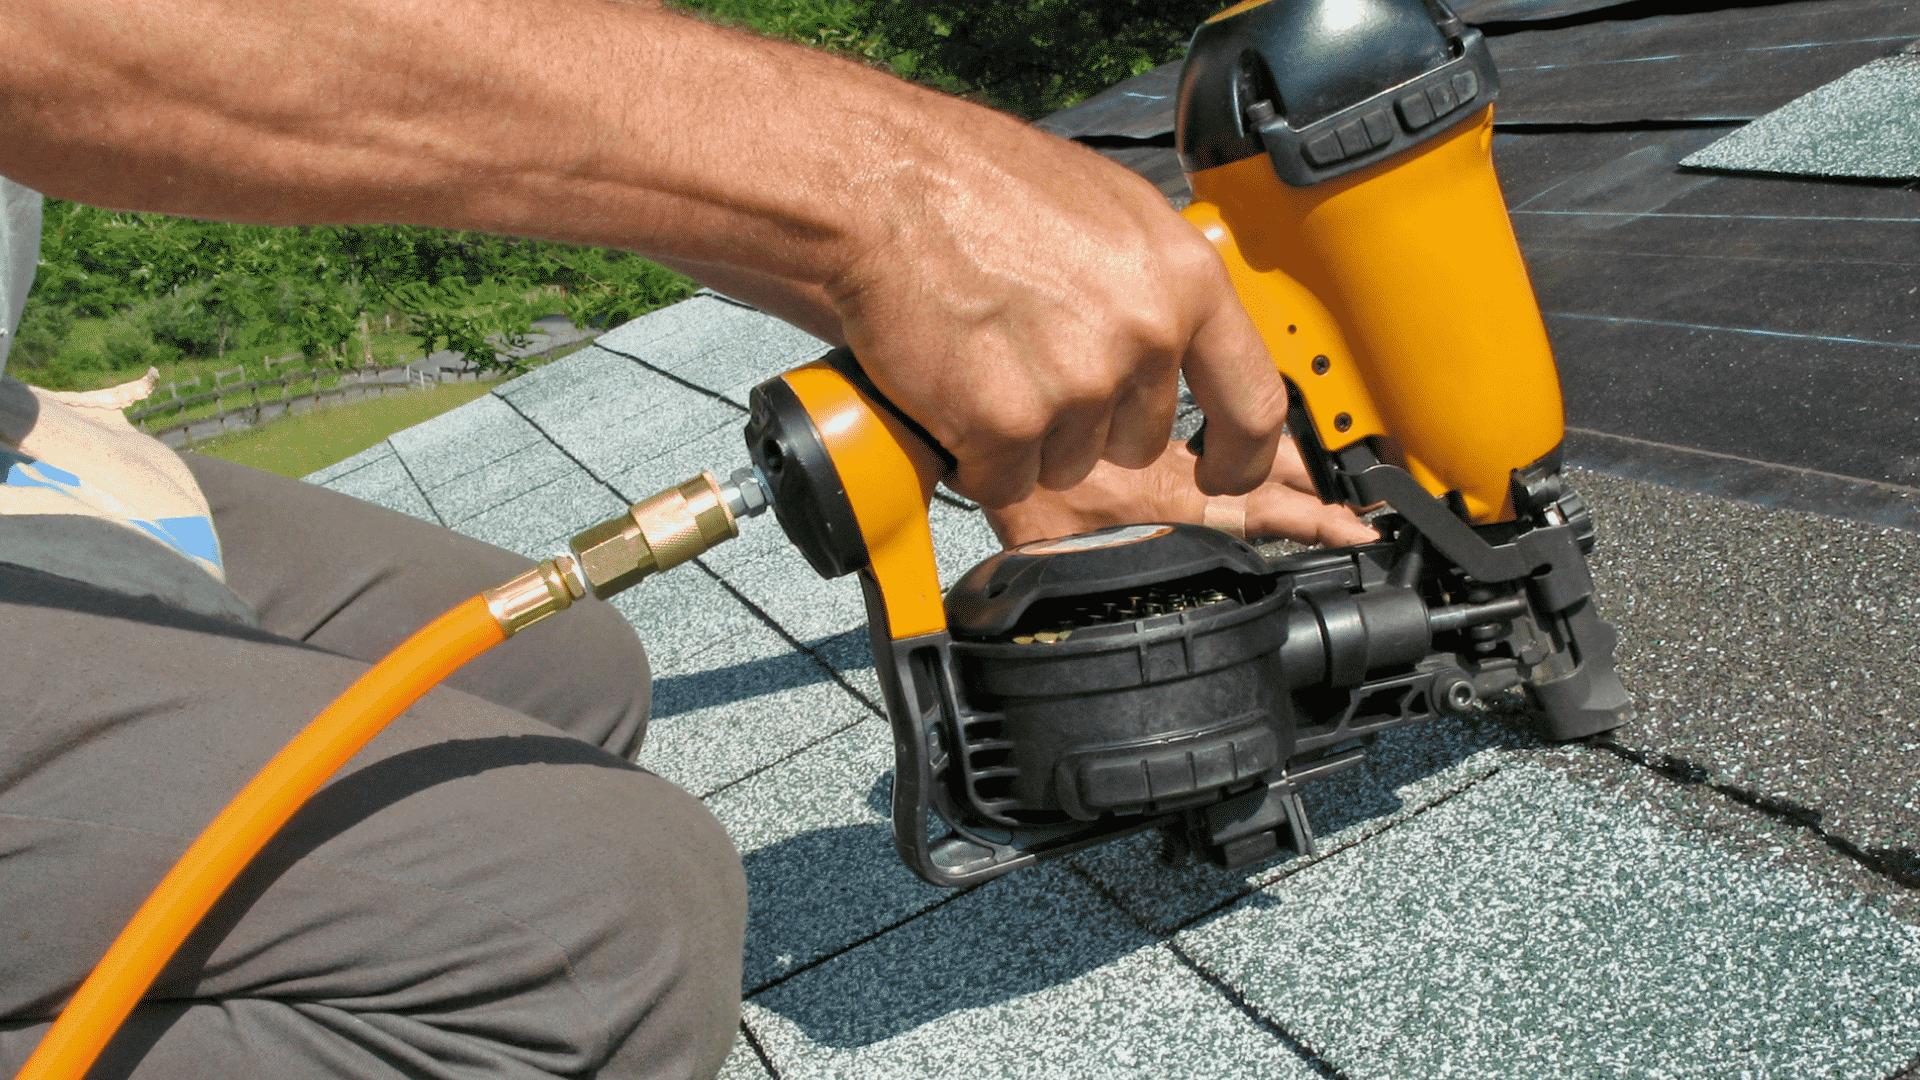 nail gun nailing roof shingles